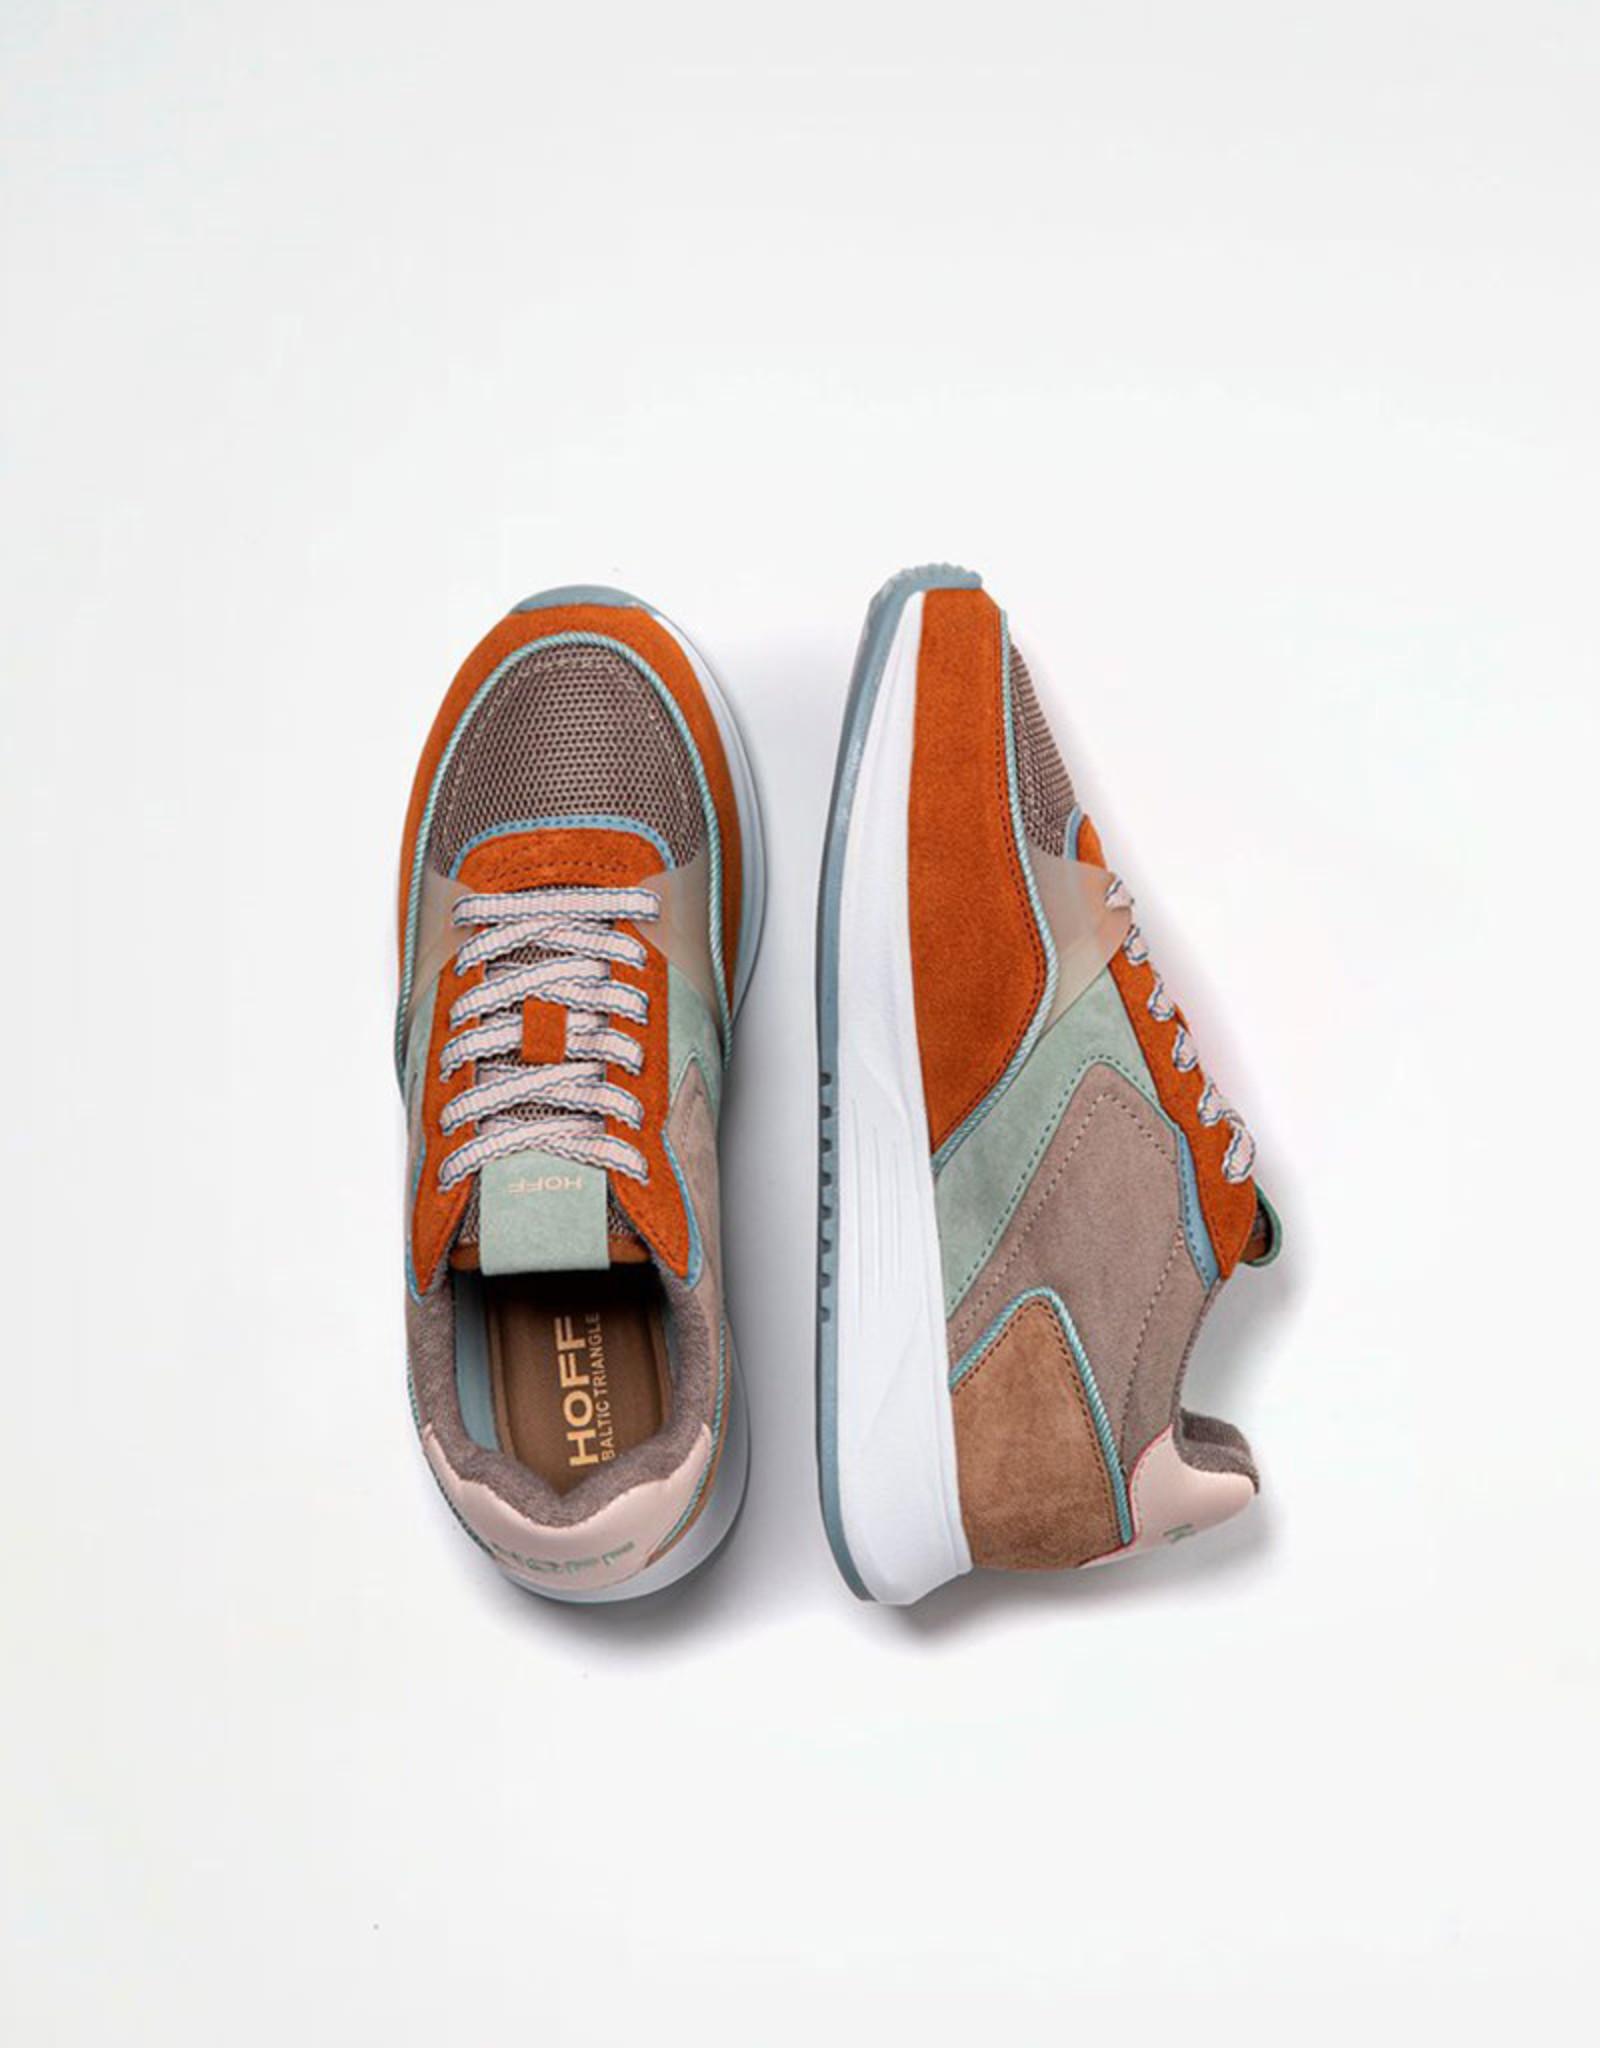 HOFF Baltic Triangle Sneaker